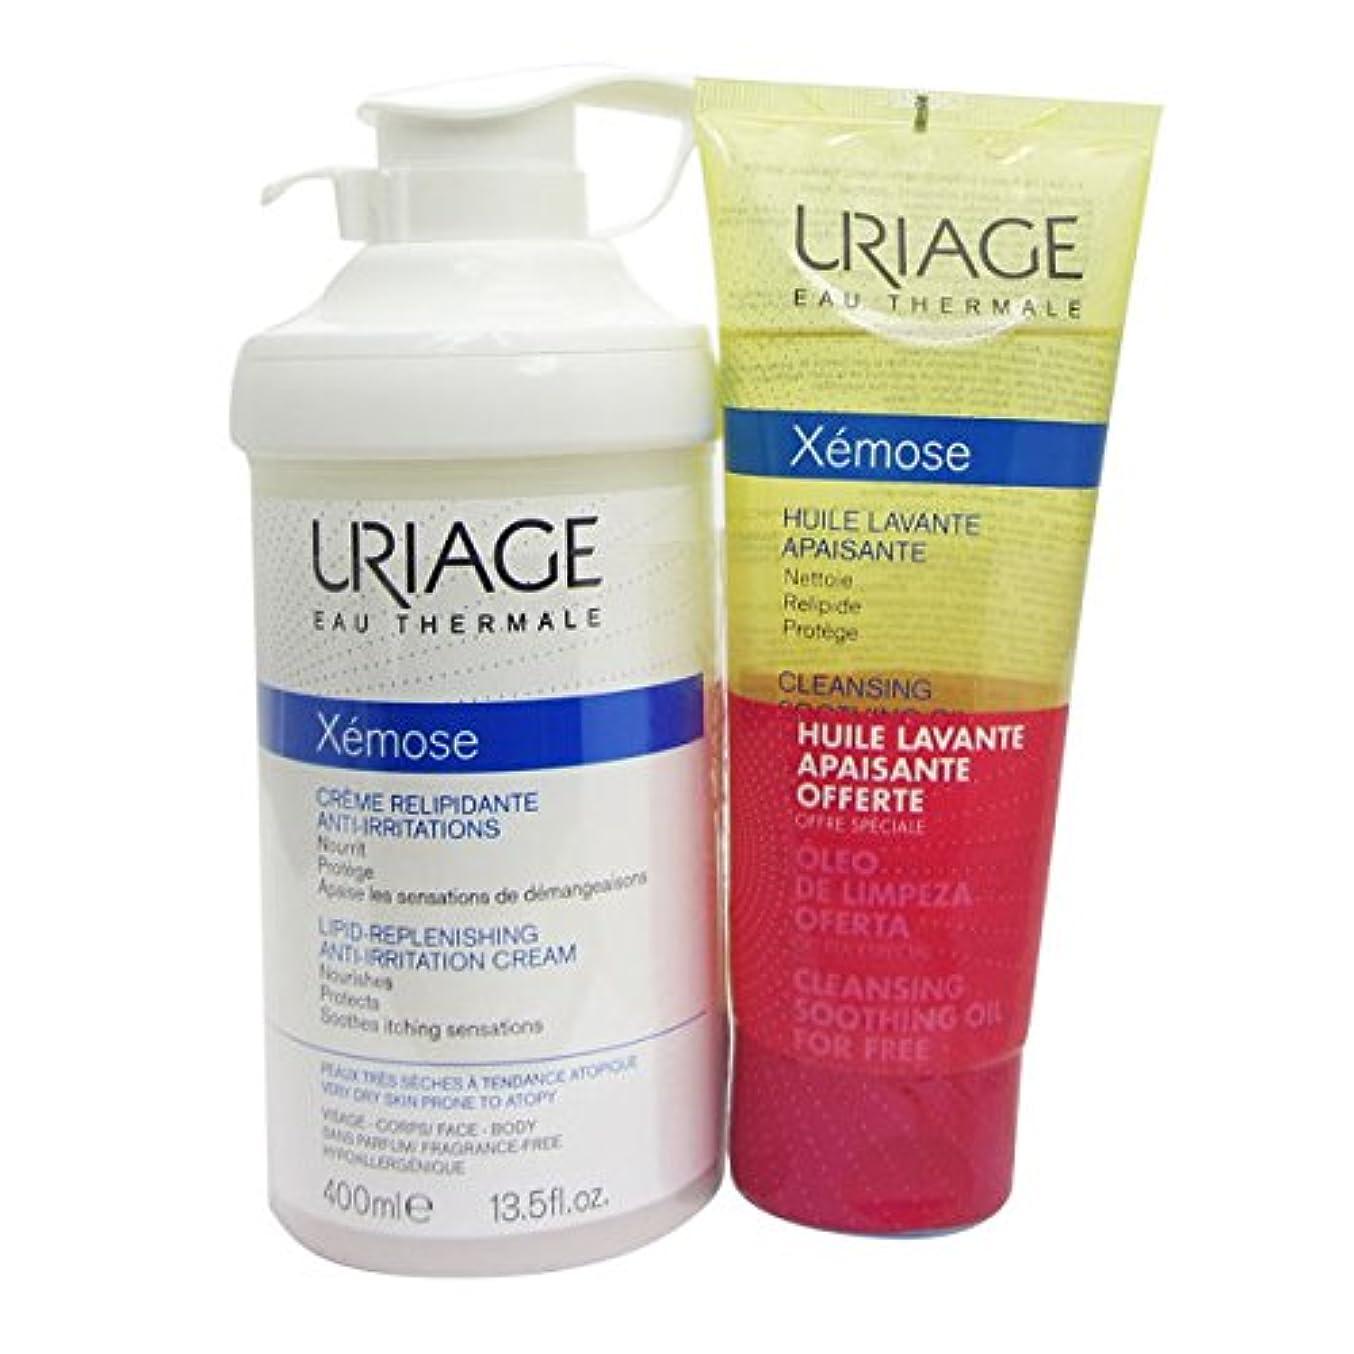 子豚追い払う根絶するUriage Xémose Pack Universal Emollient Cream 400ml + Gift Cleansing Oil